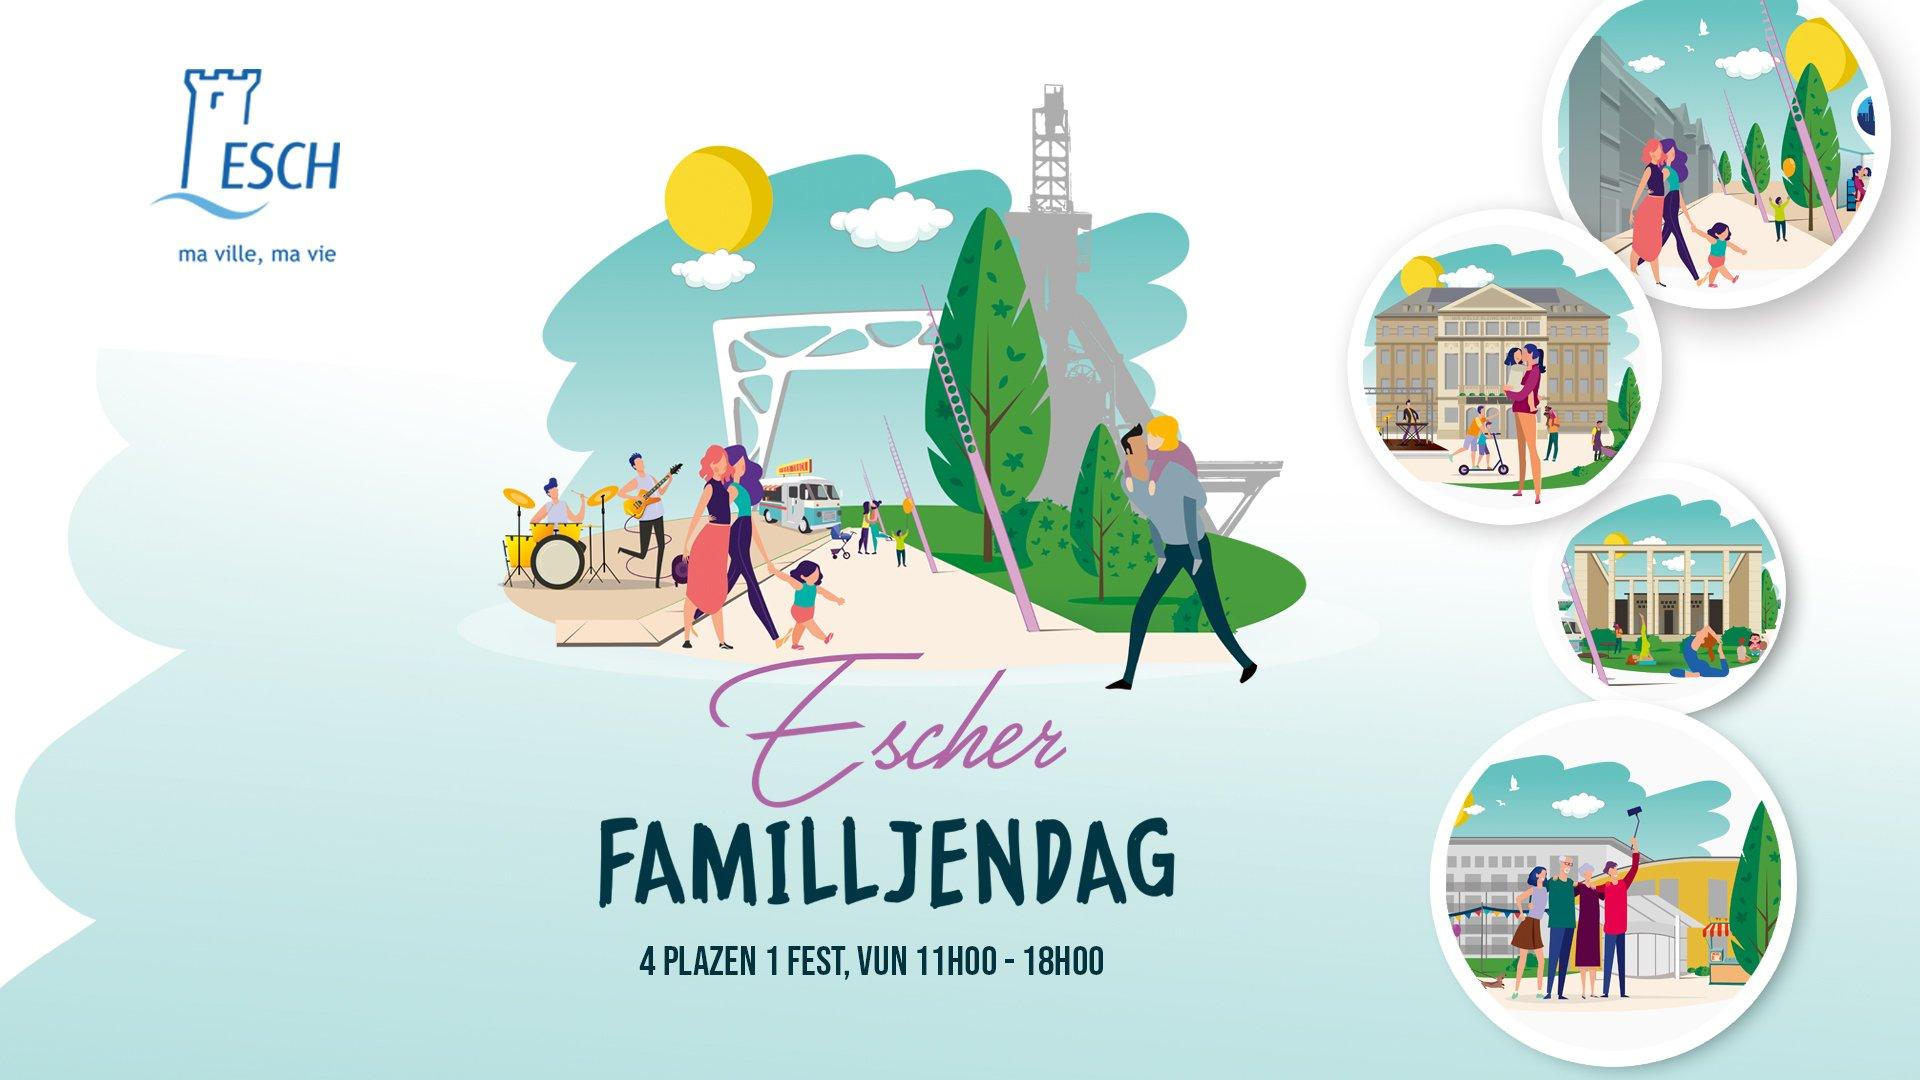 Escher Familljendag - 26.09.2020